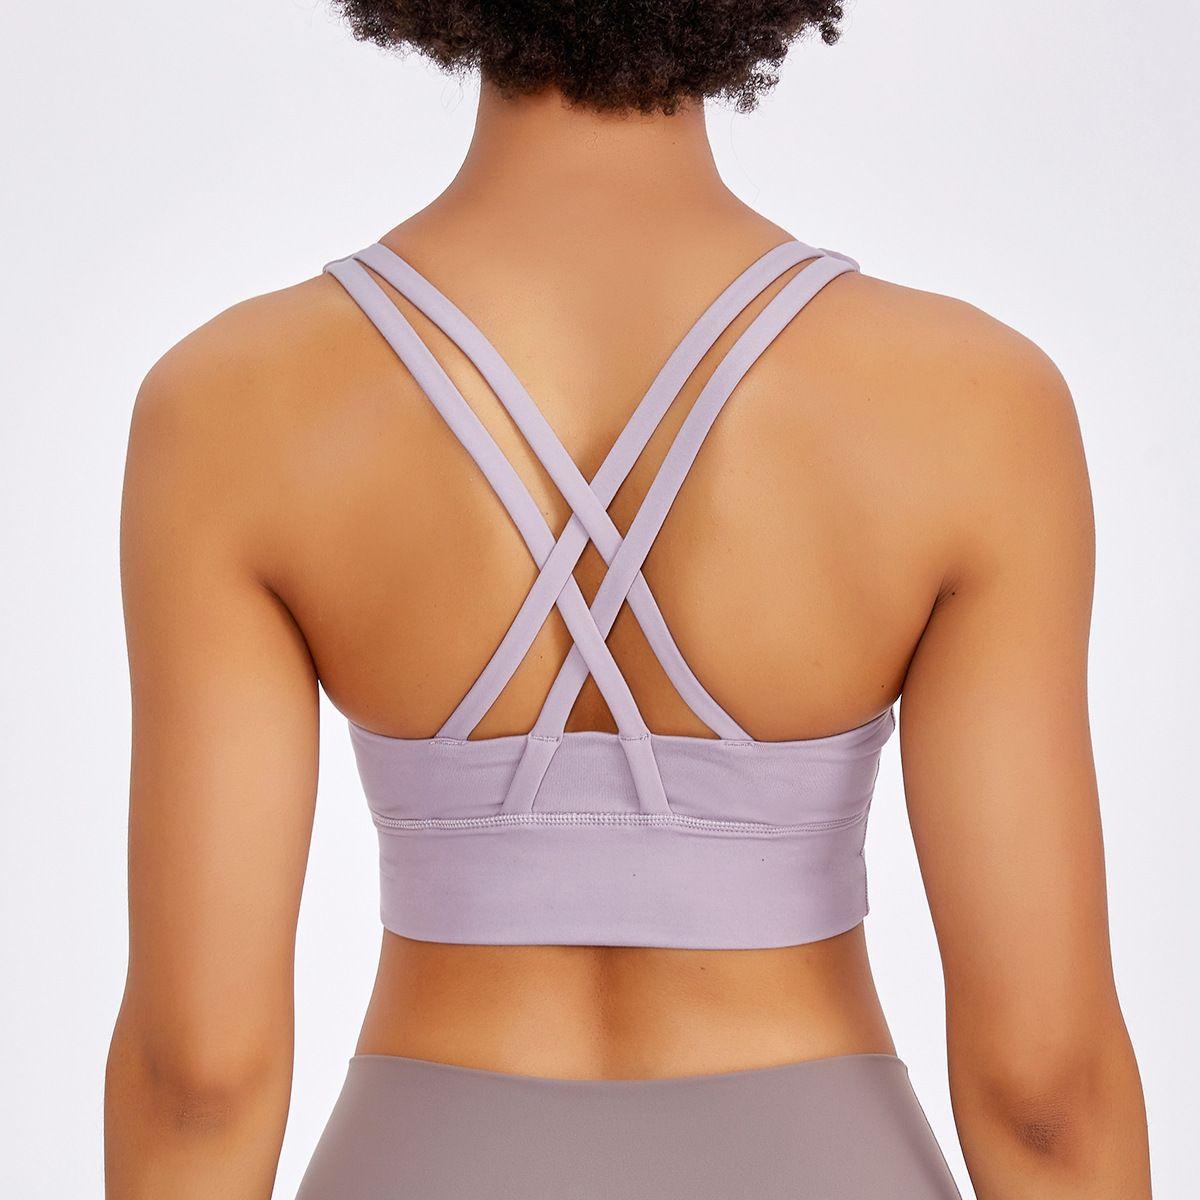 2020 Новое Нижнее белье Женщины LULU Multi Brap Cross Back Ударопрочный Спортивный Бюстгальтер Yoga